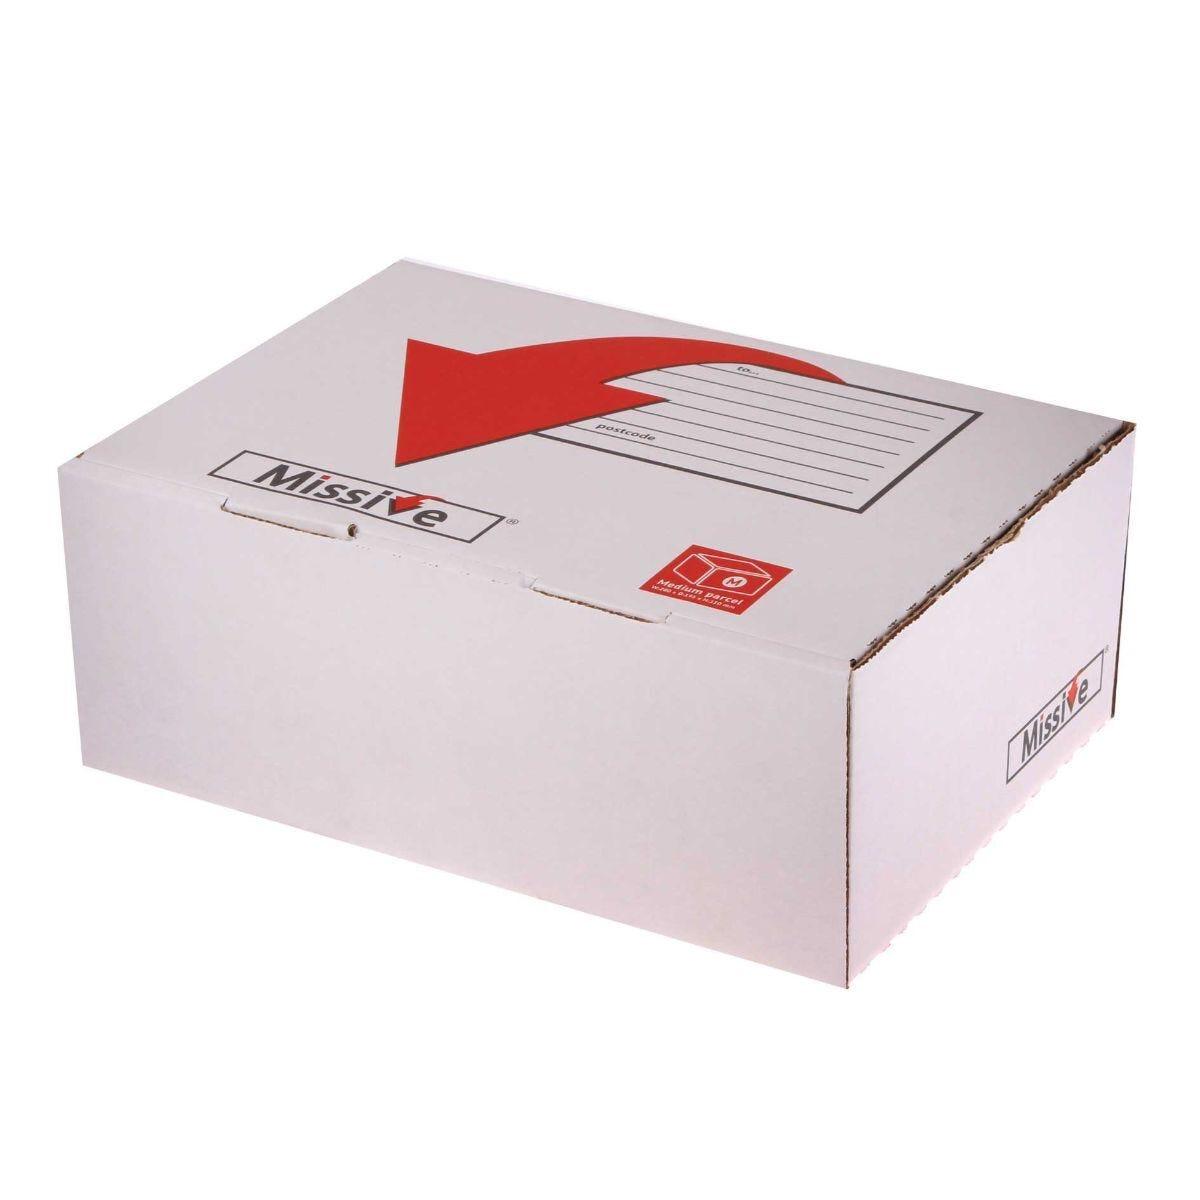 Missive Small Postal Box 280x195x110mm Pack of 20